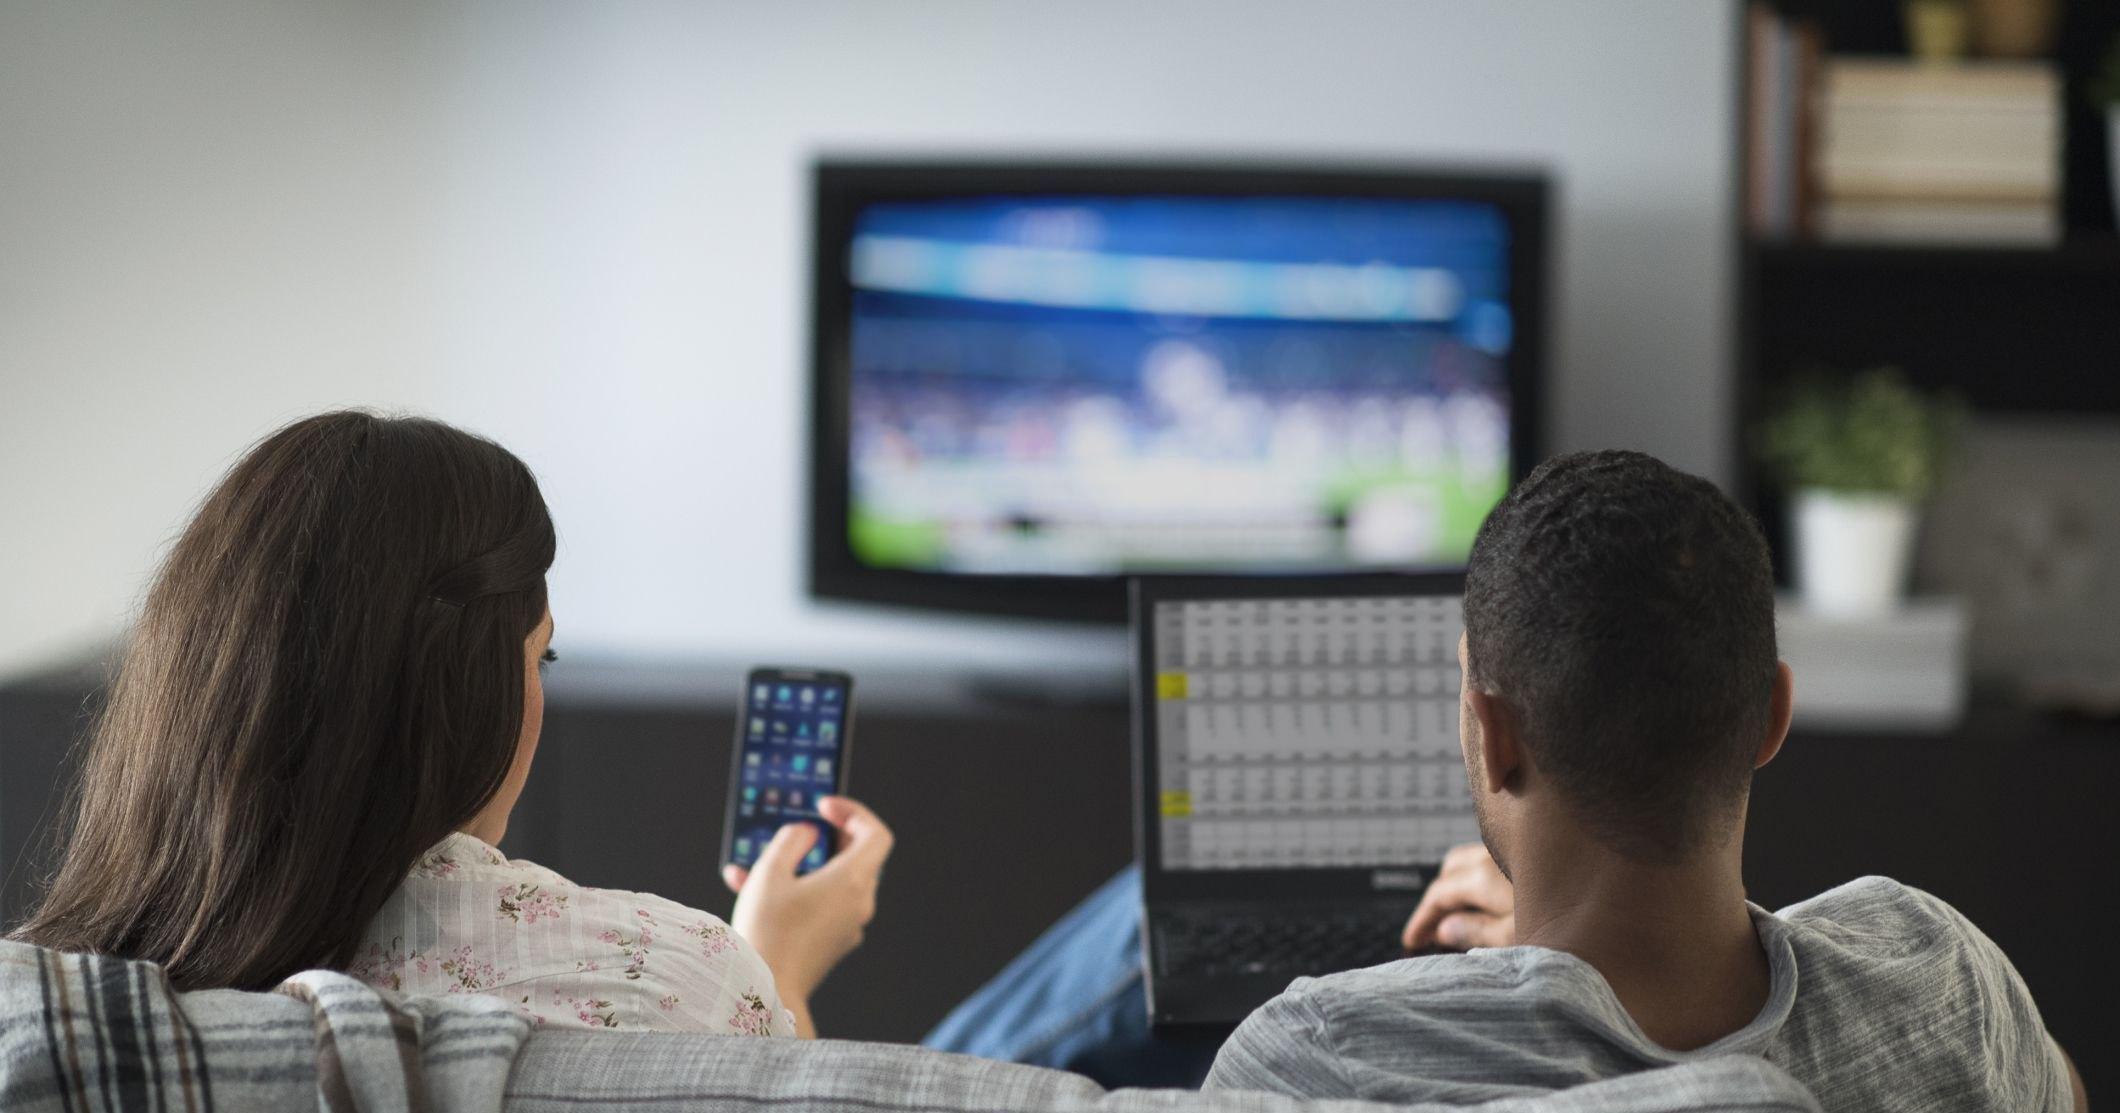 Игнорирование рекламы на ТВ повышает ее эффективность